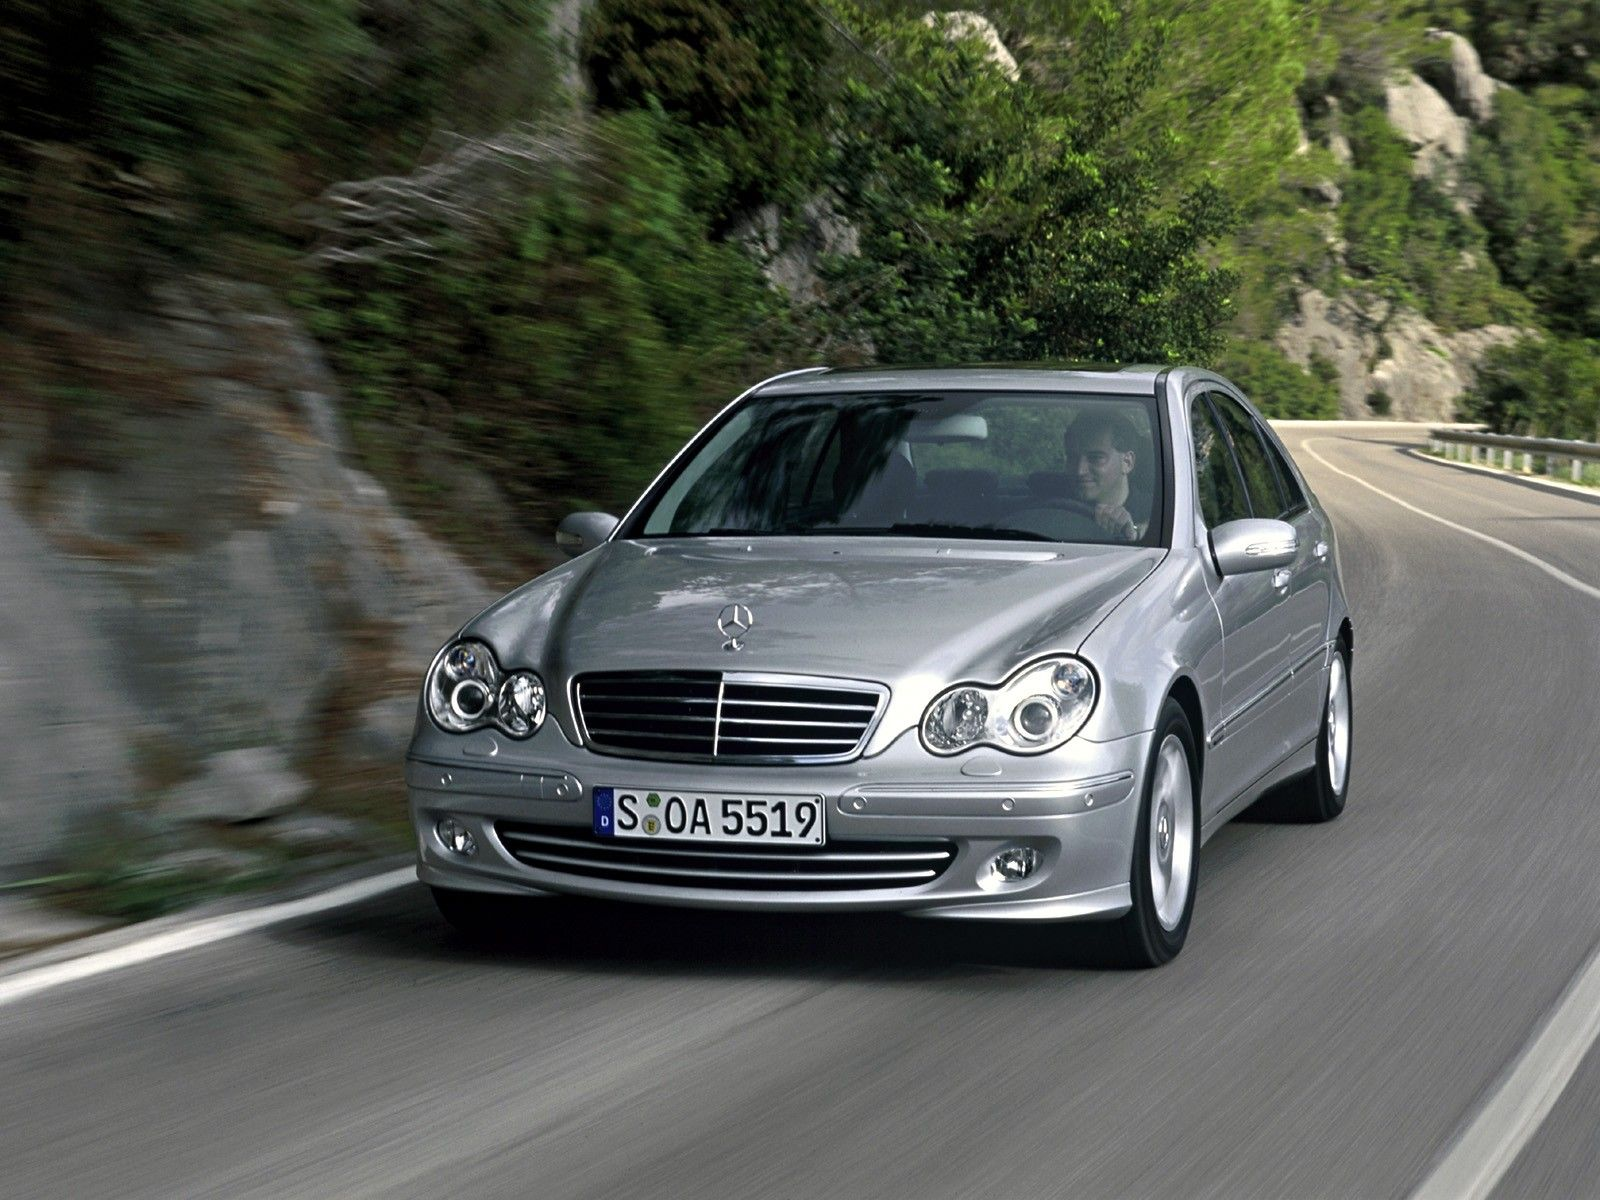 Mercedes Benz C Klasse W203 318 16 Jpg 1600 1200 Carros Legais Carros